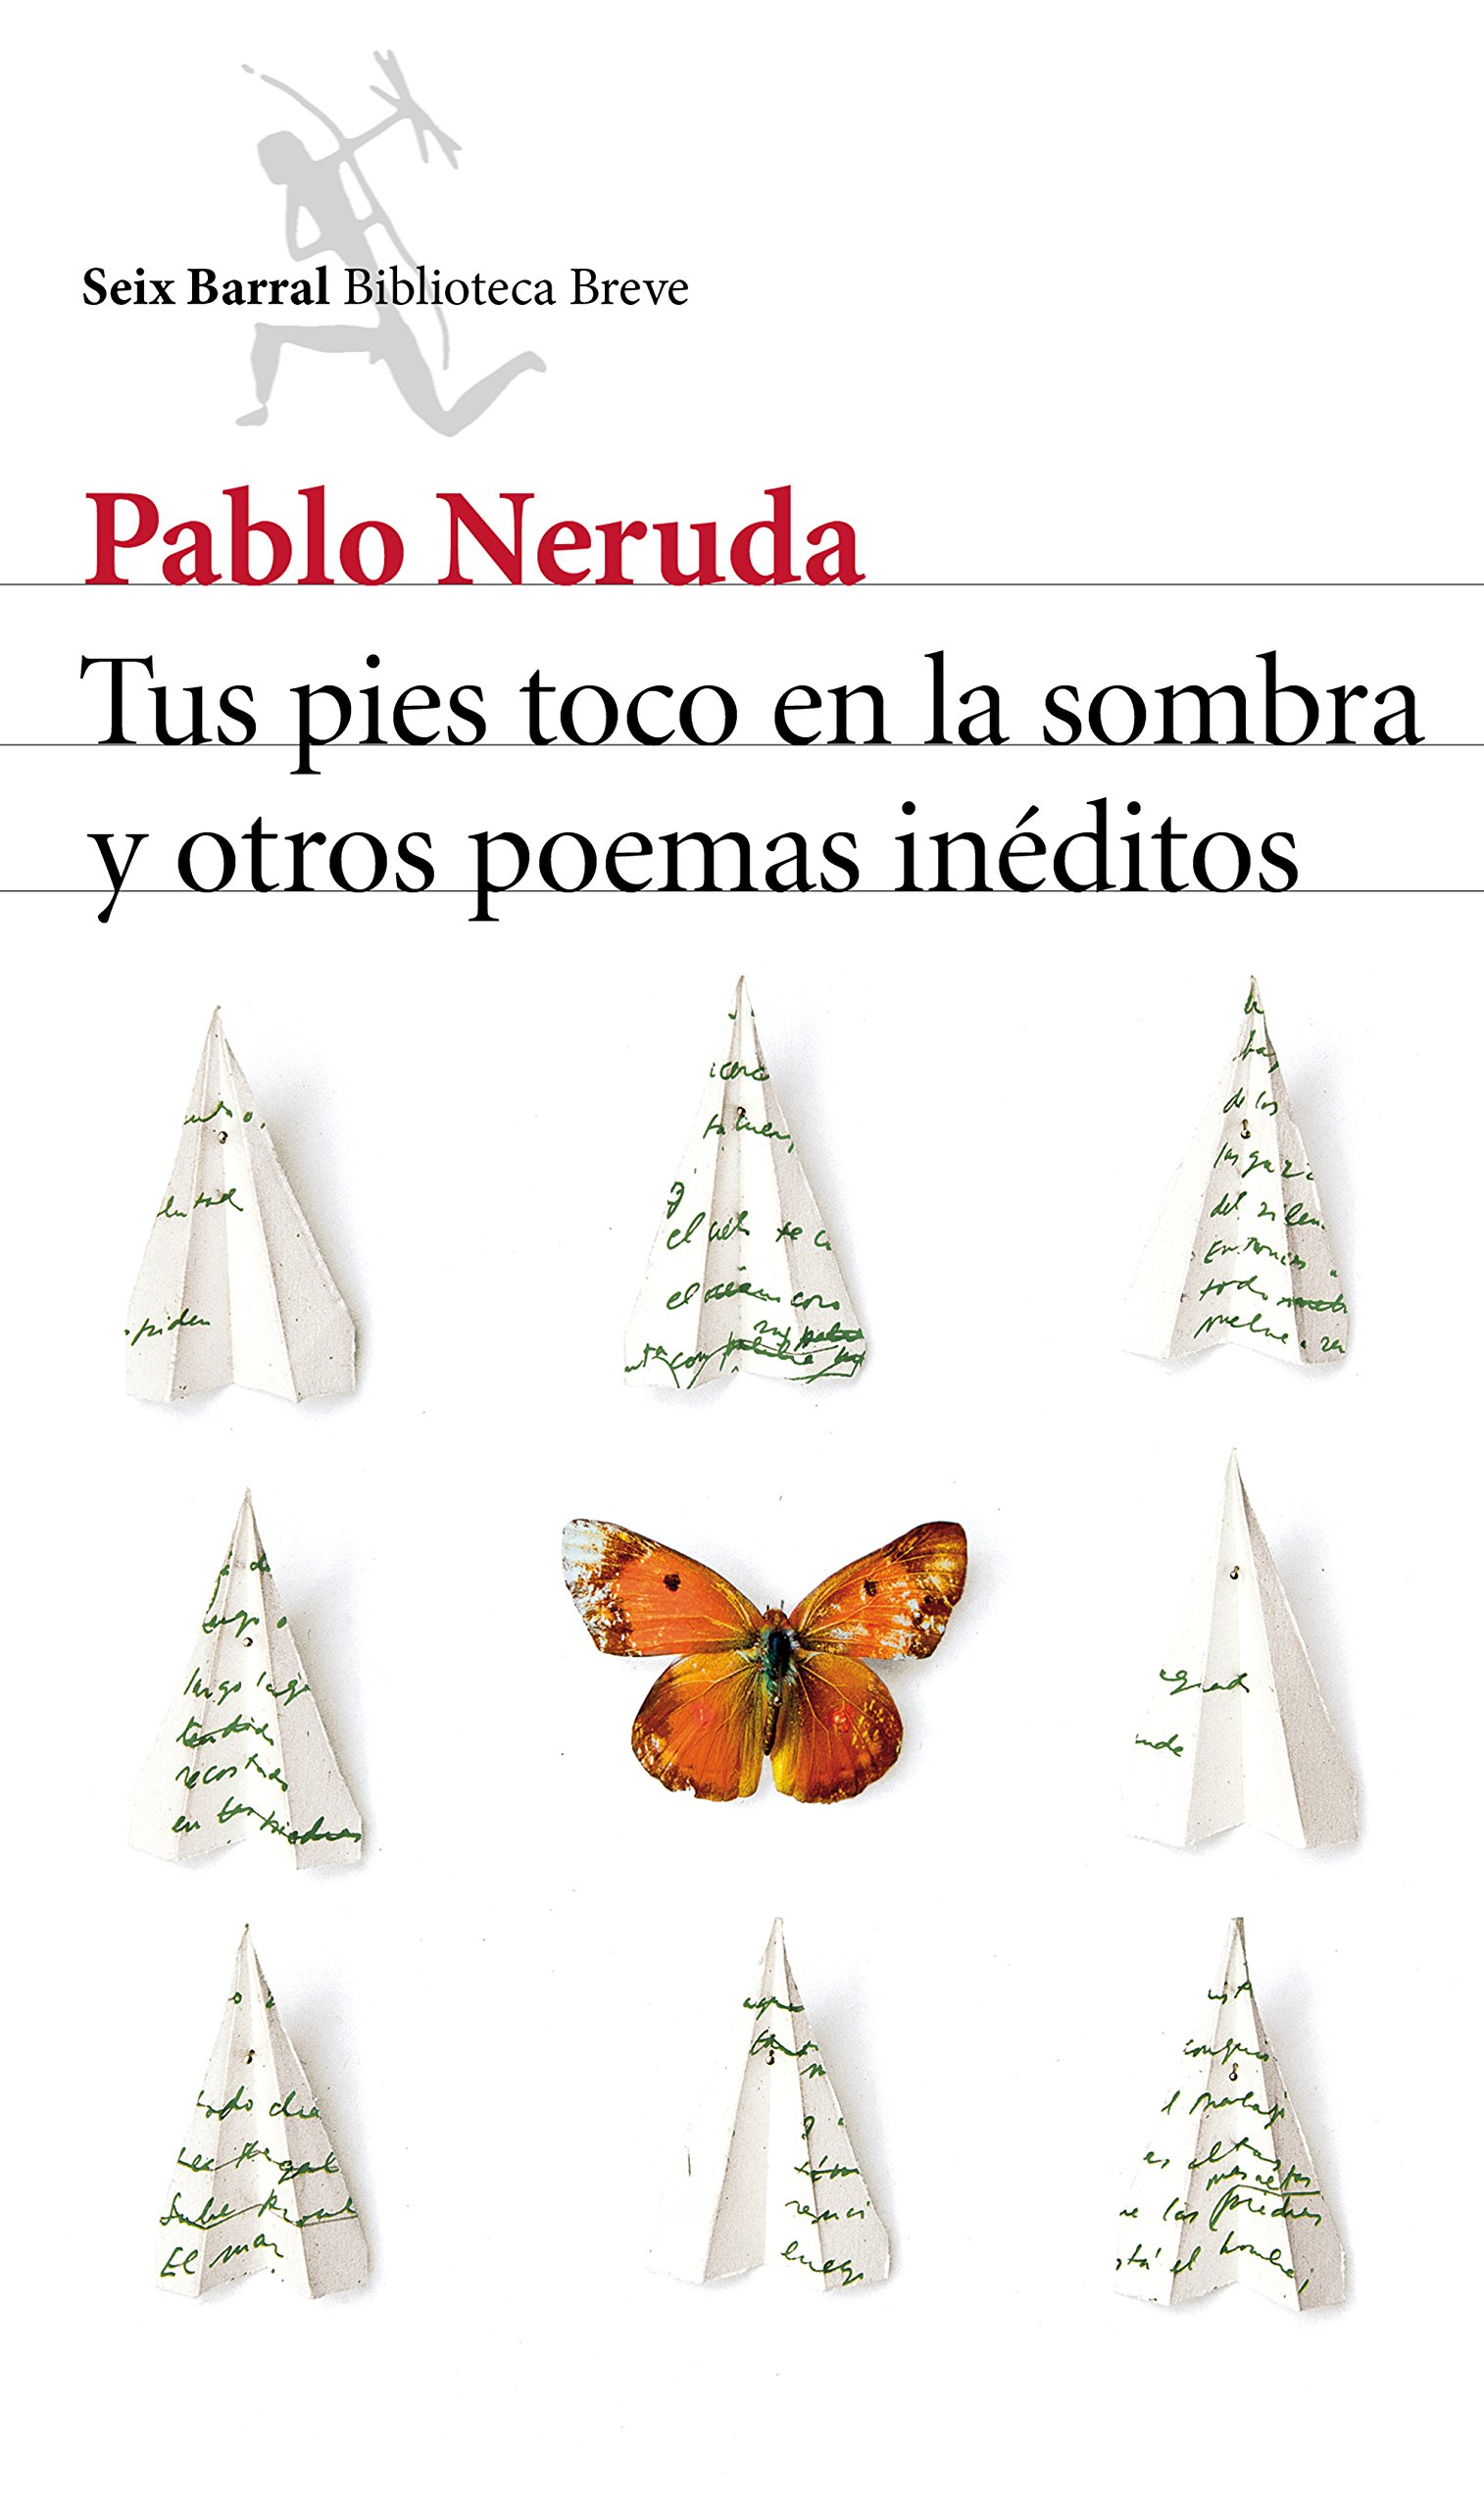 Poemas inéditos Pablo Neruda